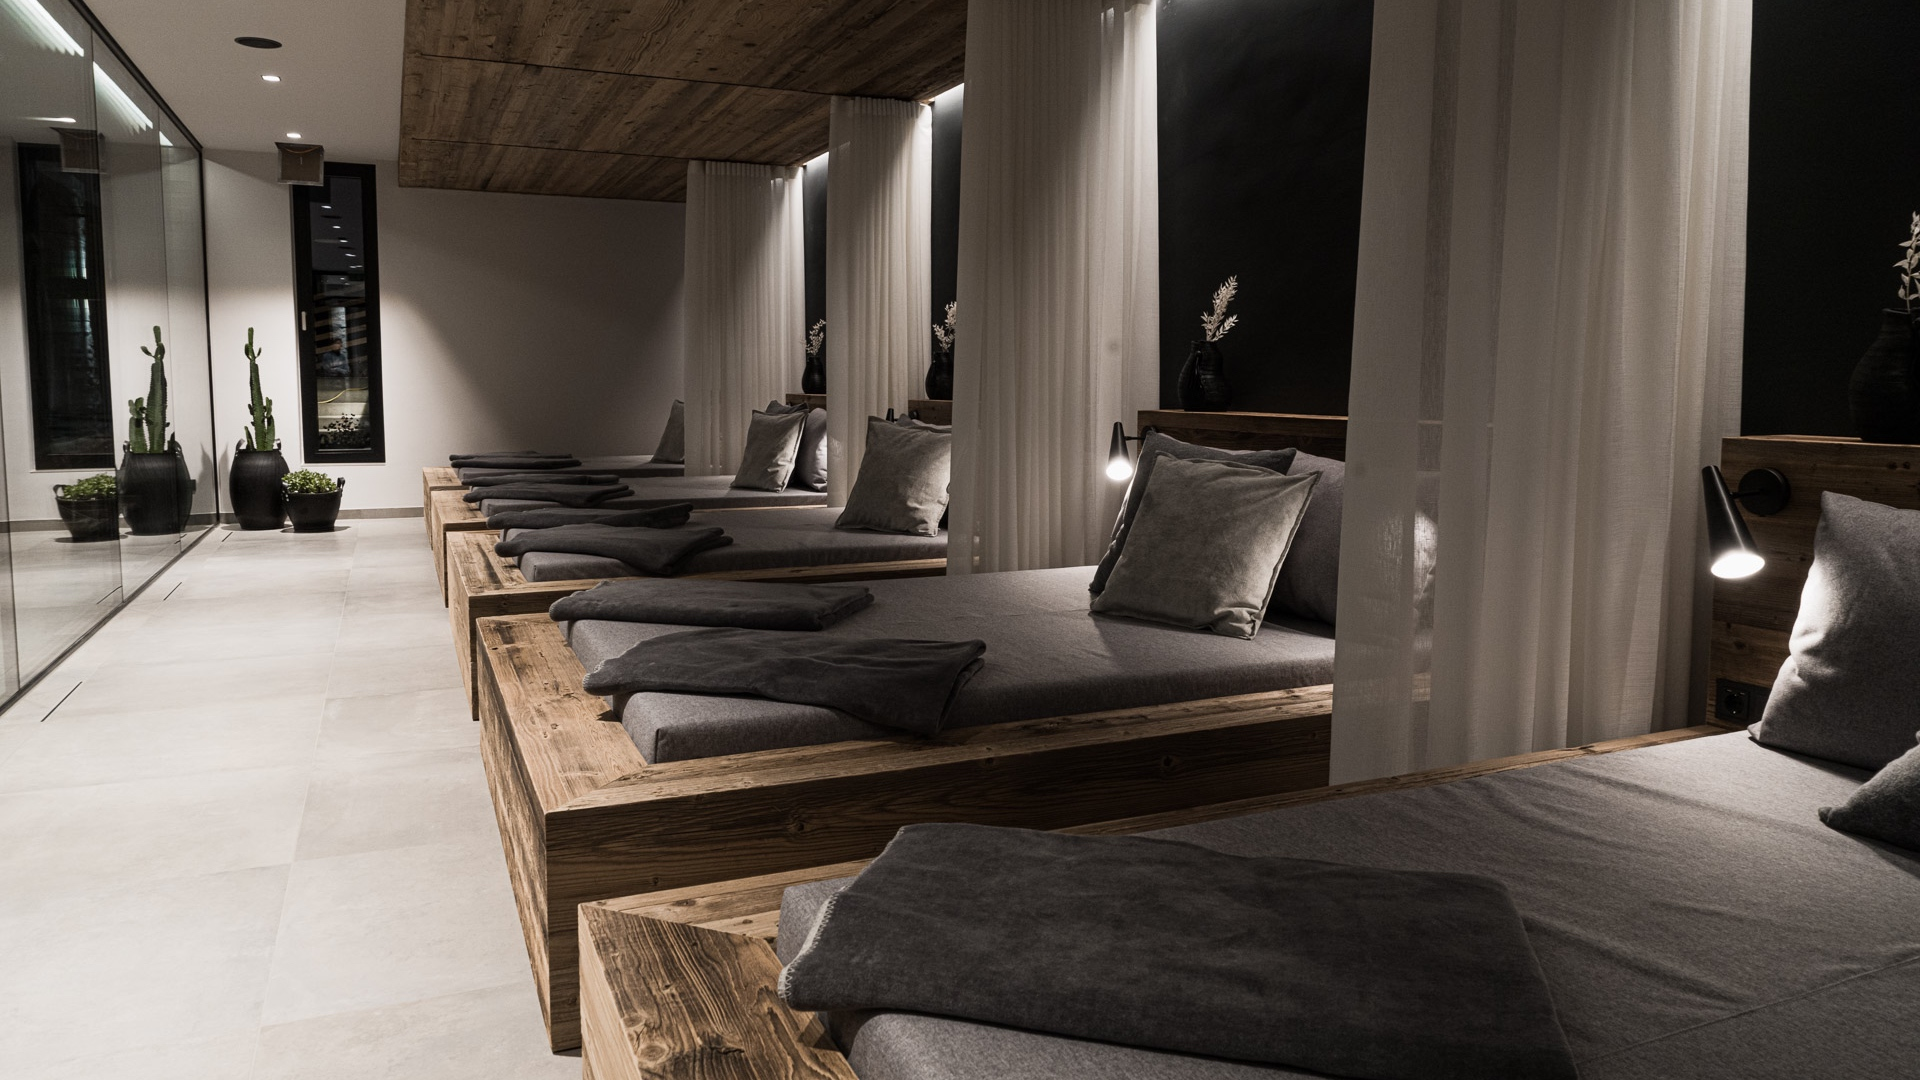 Chytrý hotel Sonnhof - Relaxační zóna